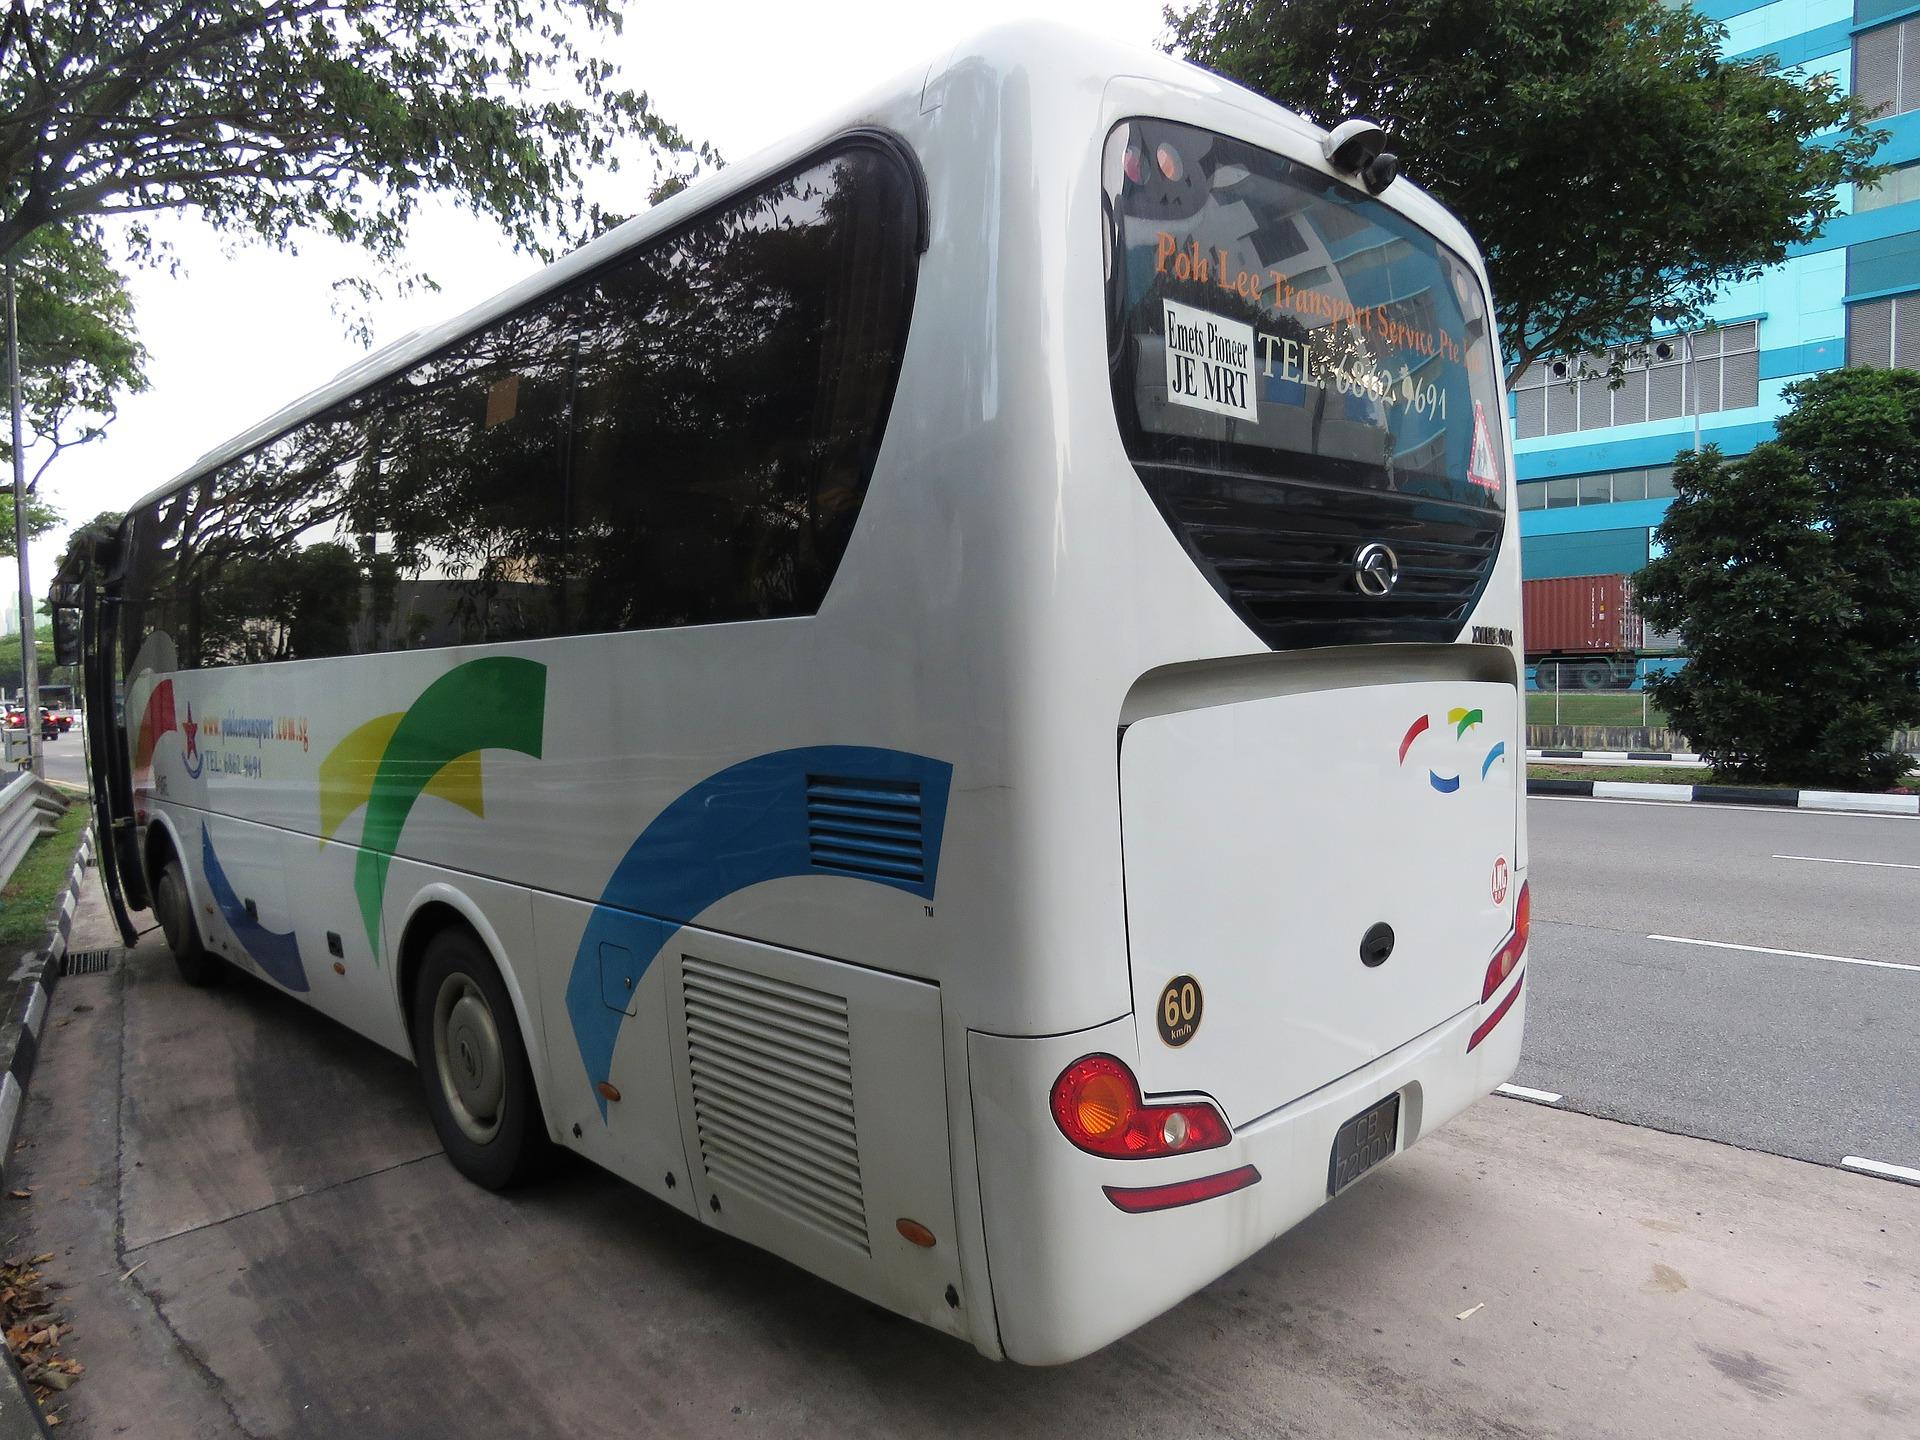 bus-2460482_1920